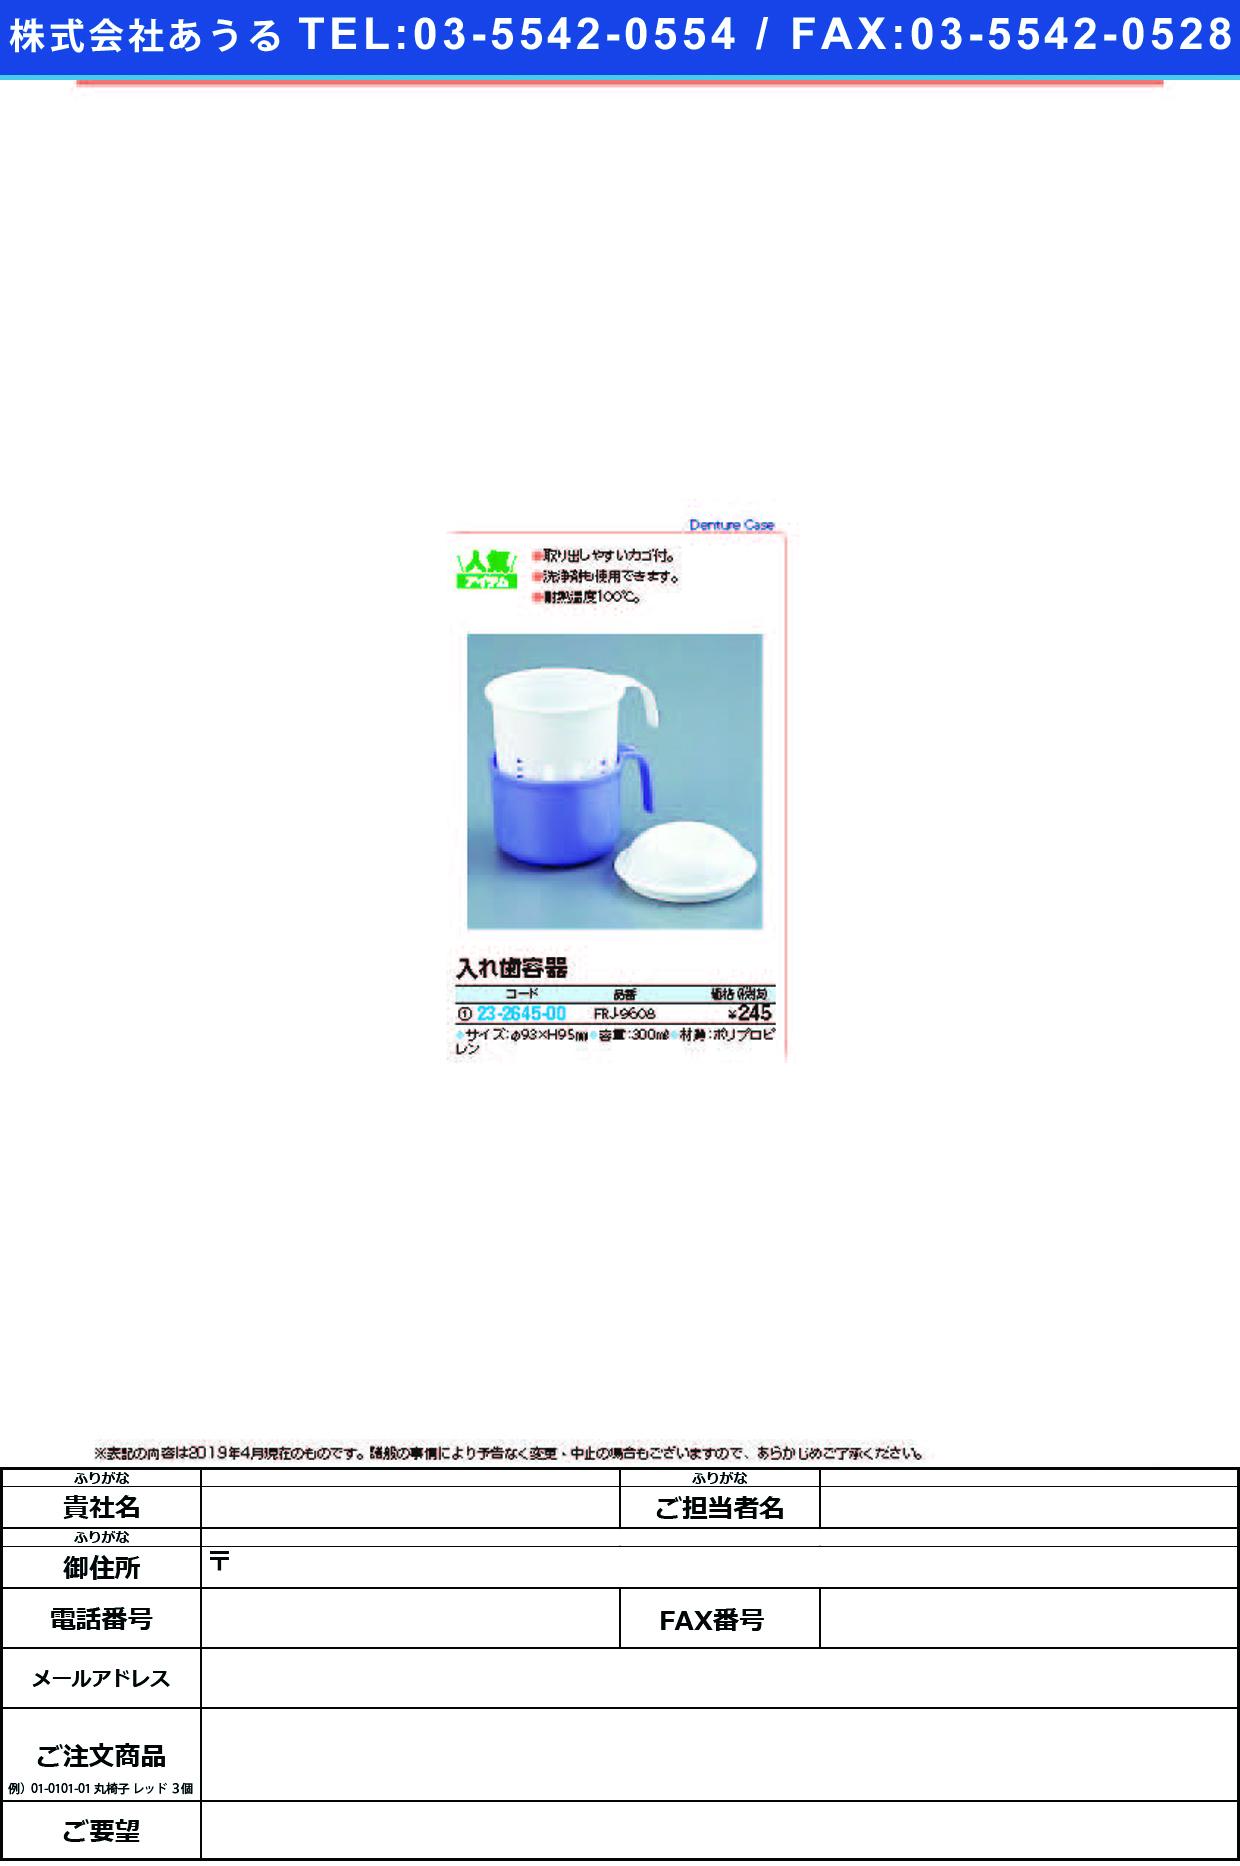 (23-2645-00)入れ歯容器 FRJ-9608 イレバヨウキ(ファーストレイト)【1個単位】【2019年カタログ商品】